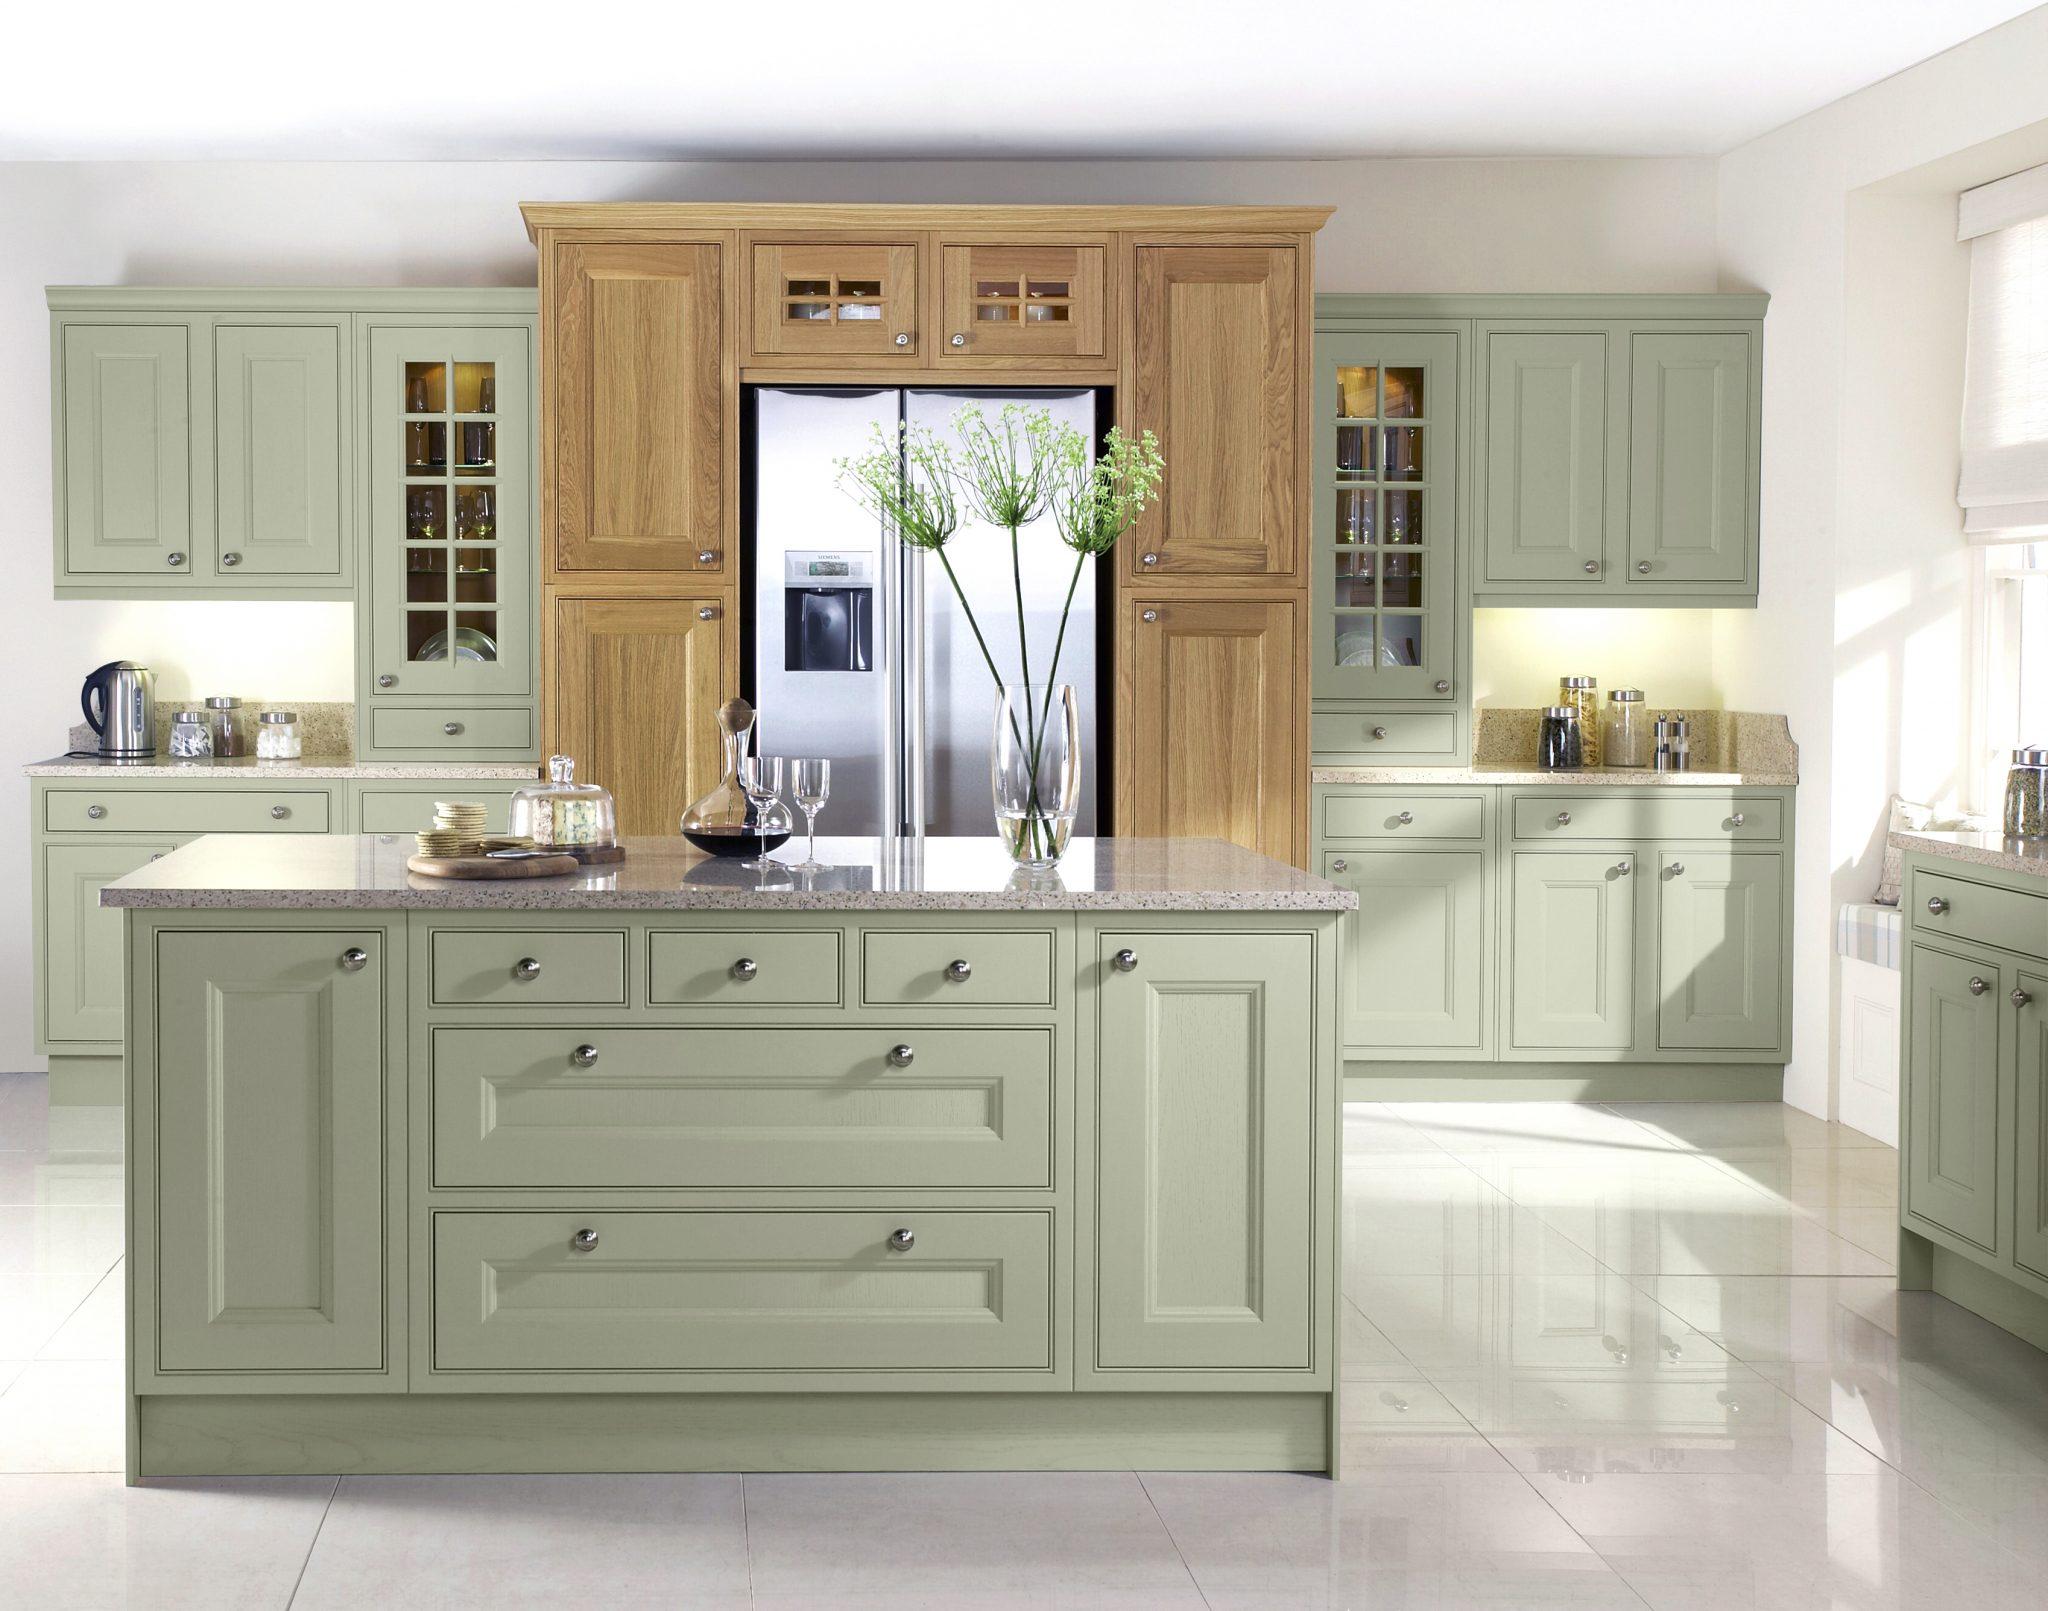 Gallery Kitchen Collection Gallery Kitchen Design